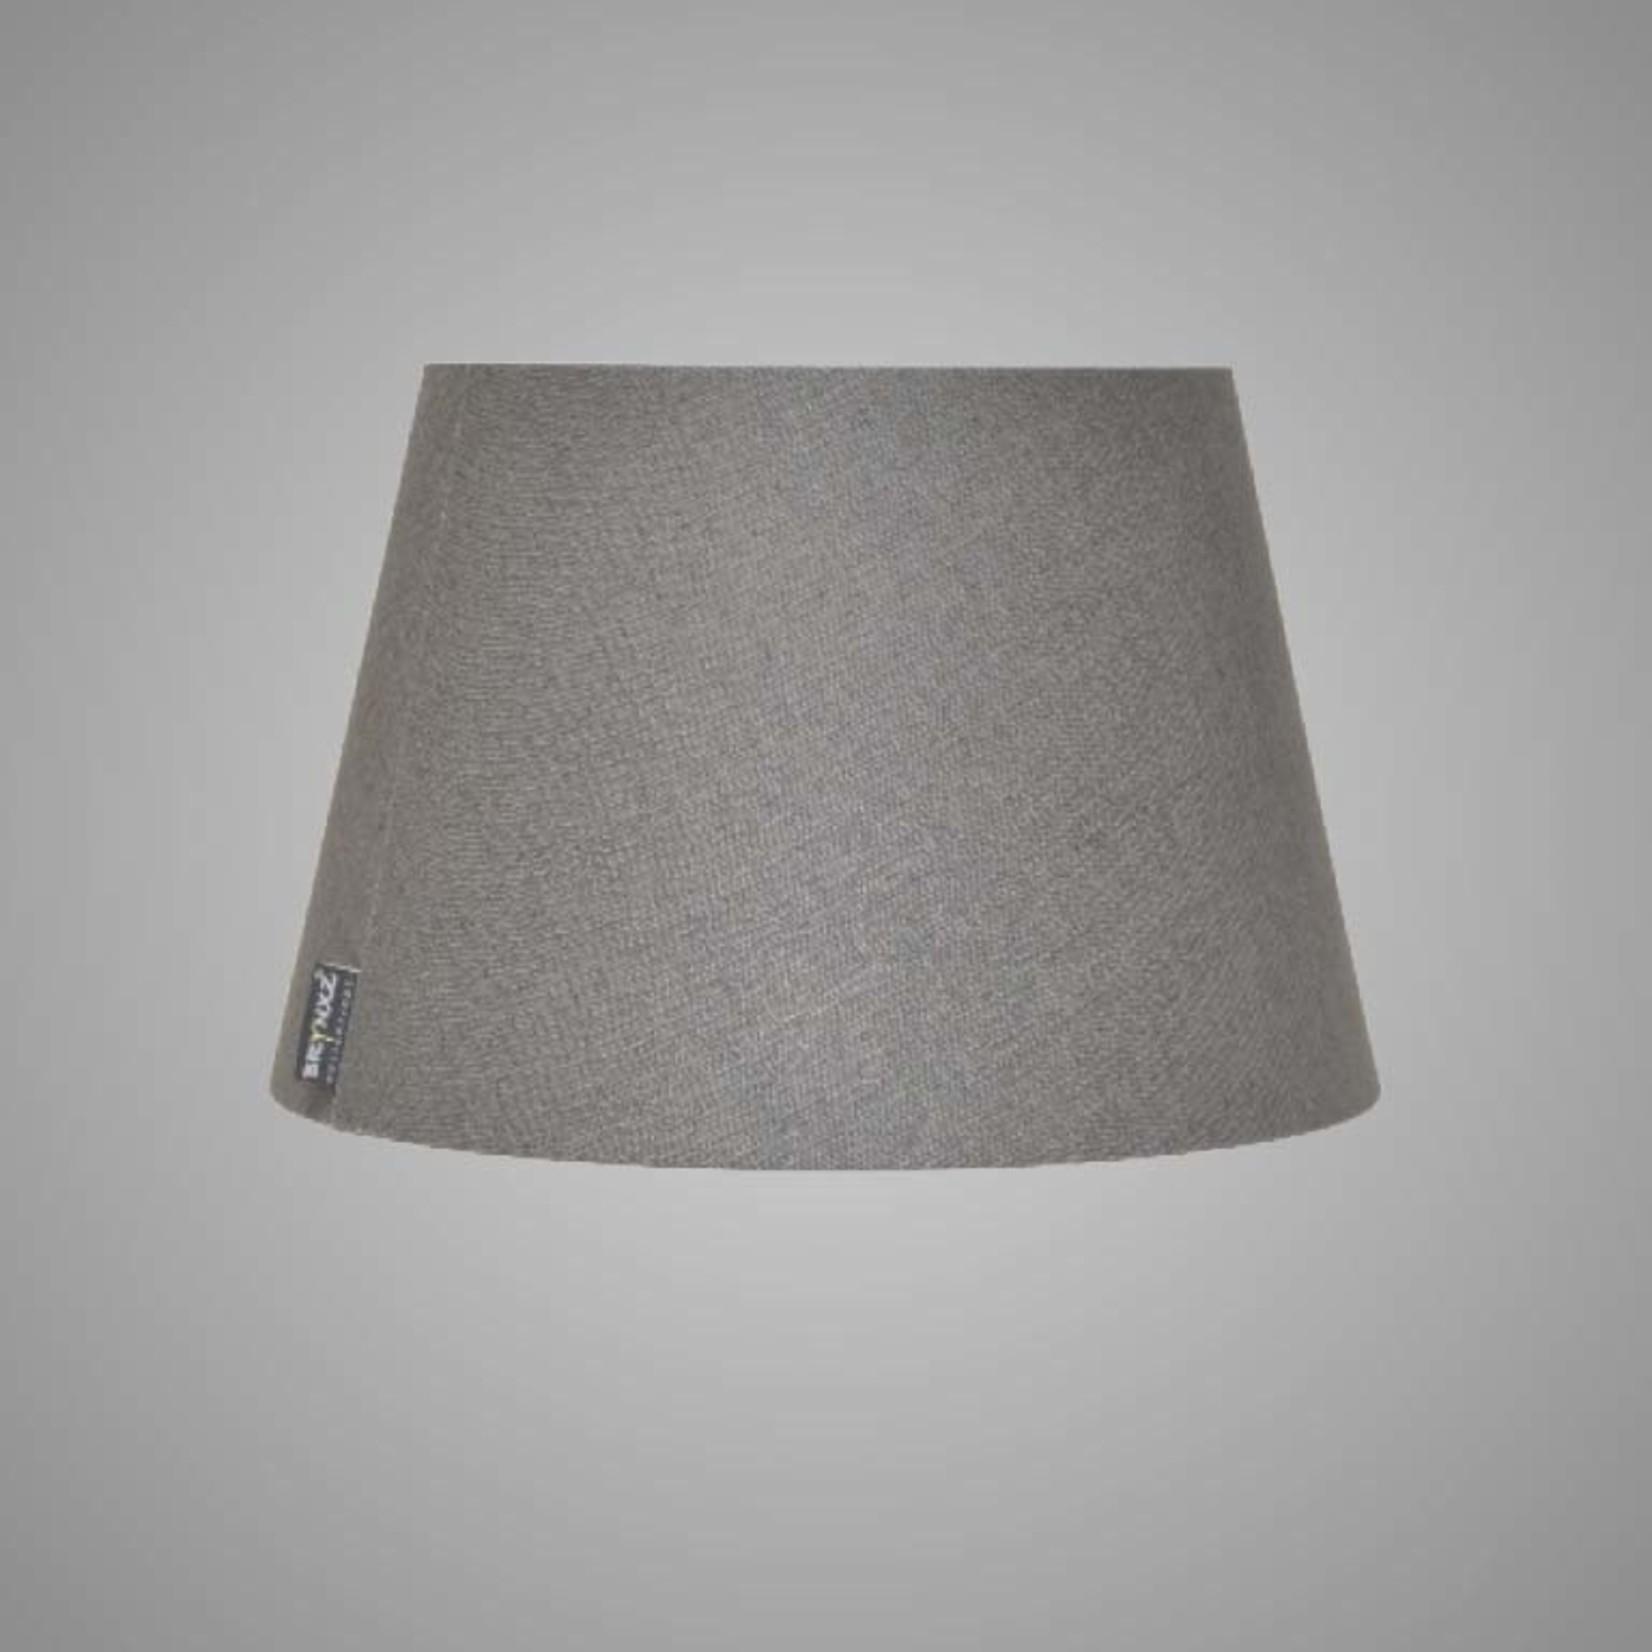 Brynxz Brynxz Lampenkap 42cm grey